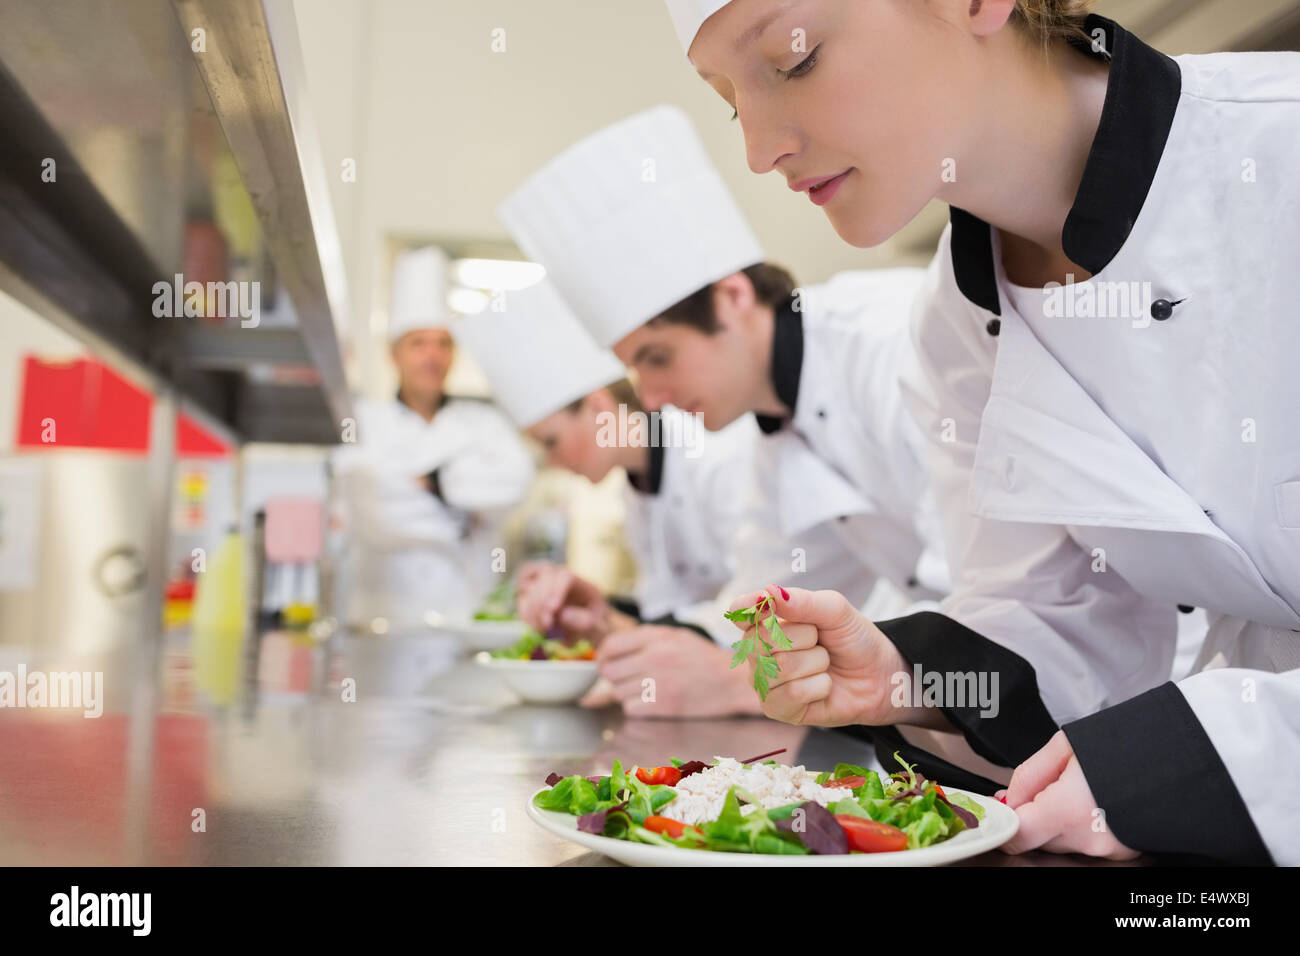 Lo Chef terminato il suo insalata in classe culinaria Immagini Stock